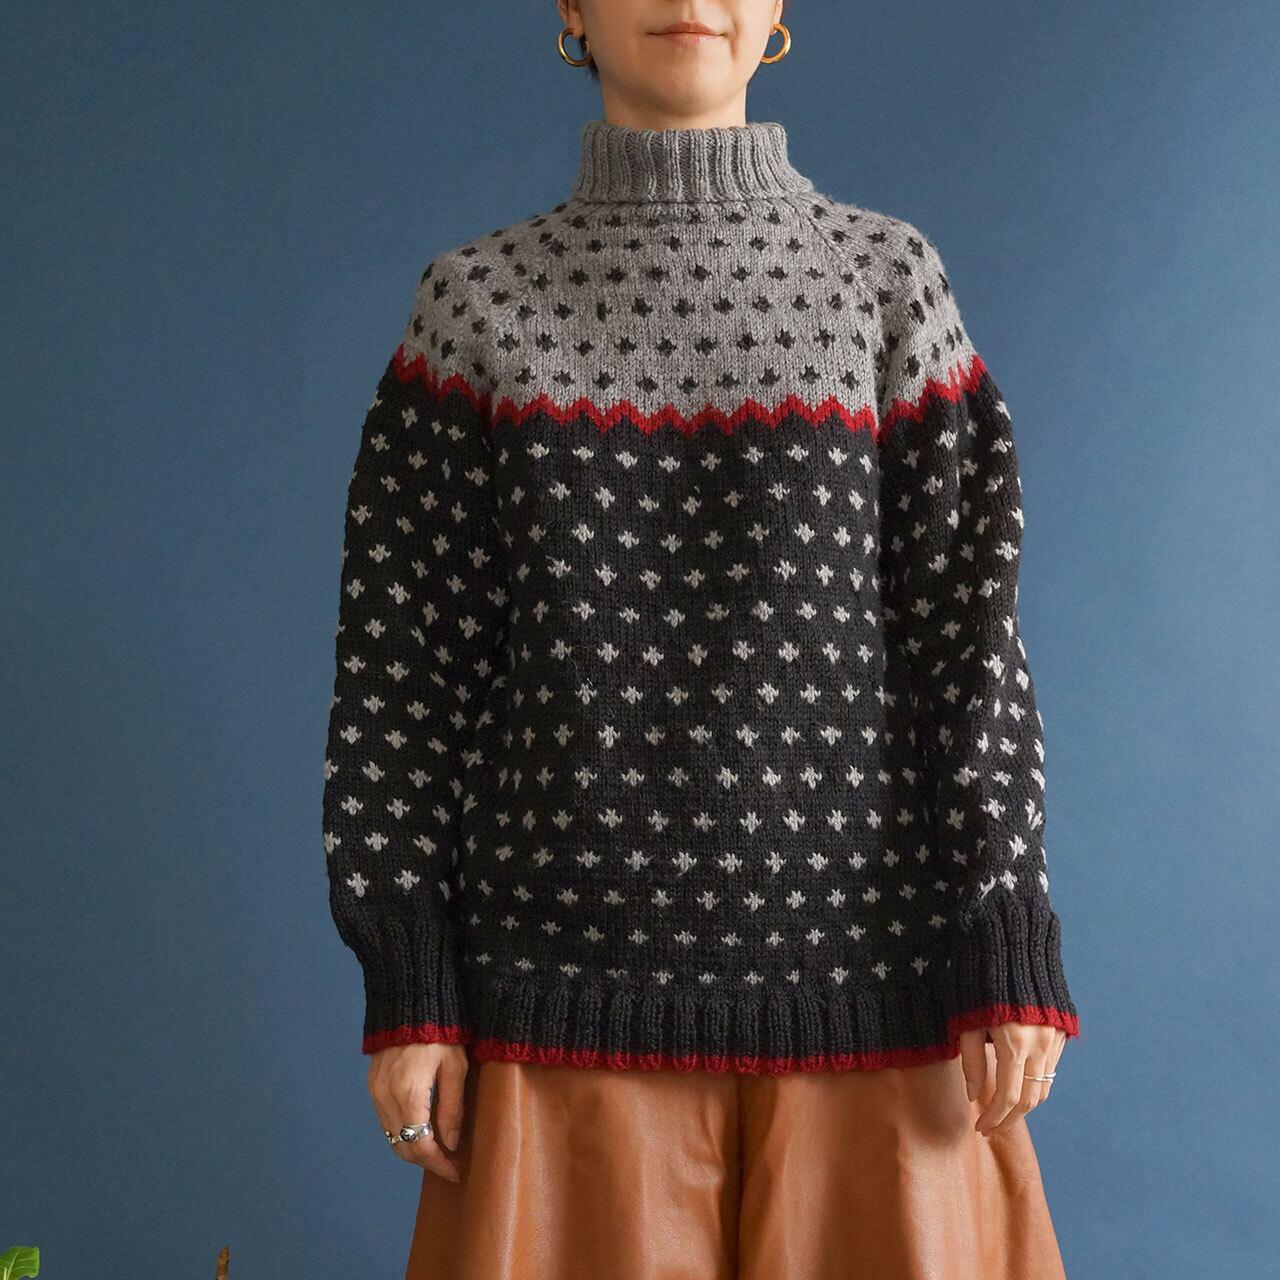 【送料無料】Black Gray Handknitted Vintage Sweater With Burgundy Stripes